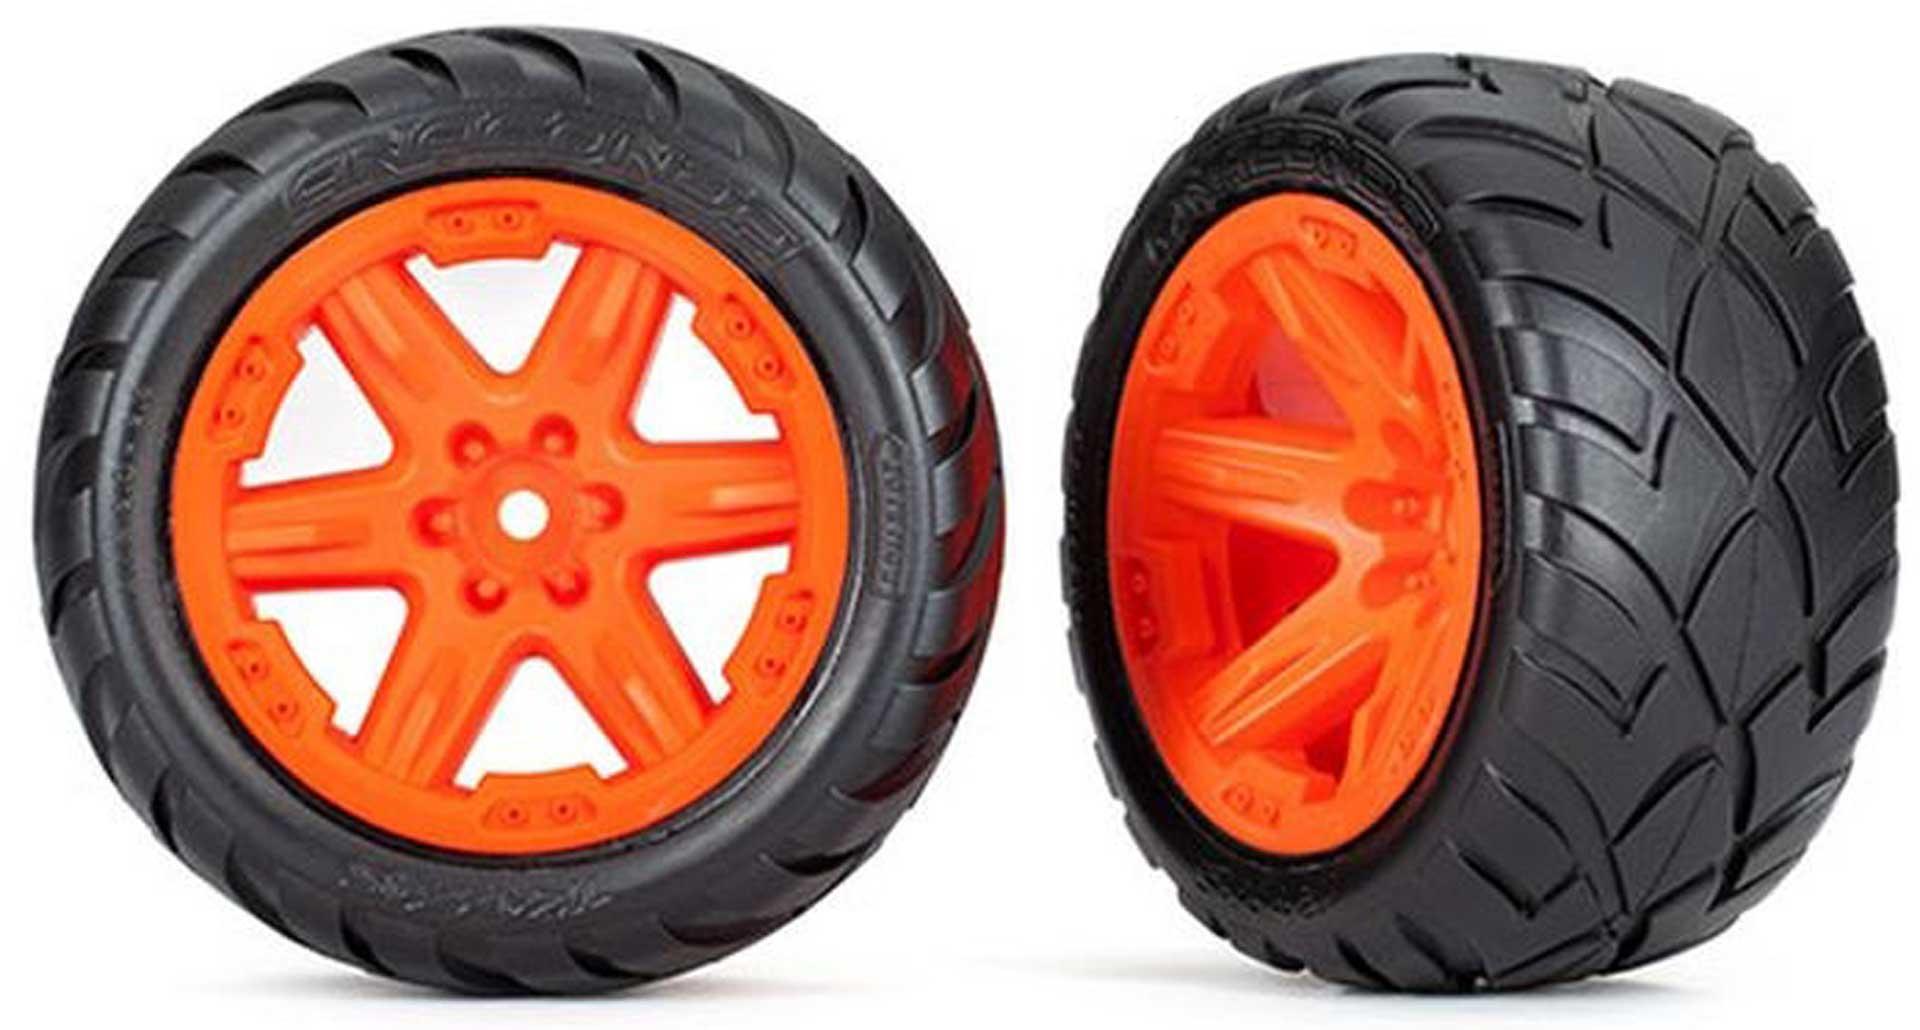 TRAXXAS REIFEN AUF FELGE 2.8 RXT ORANGE / ANACONDA (TSM RATED) 4WD V/H 2WD V